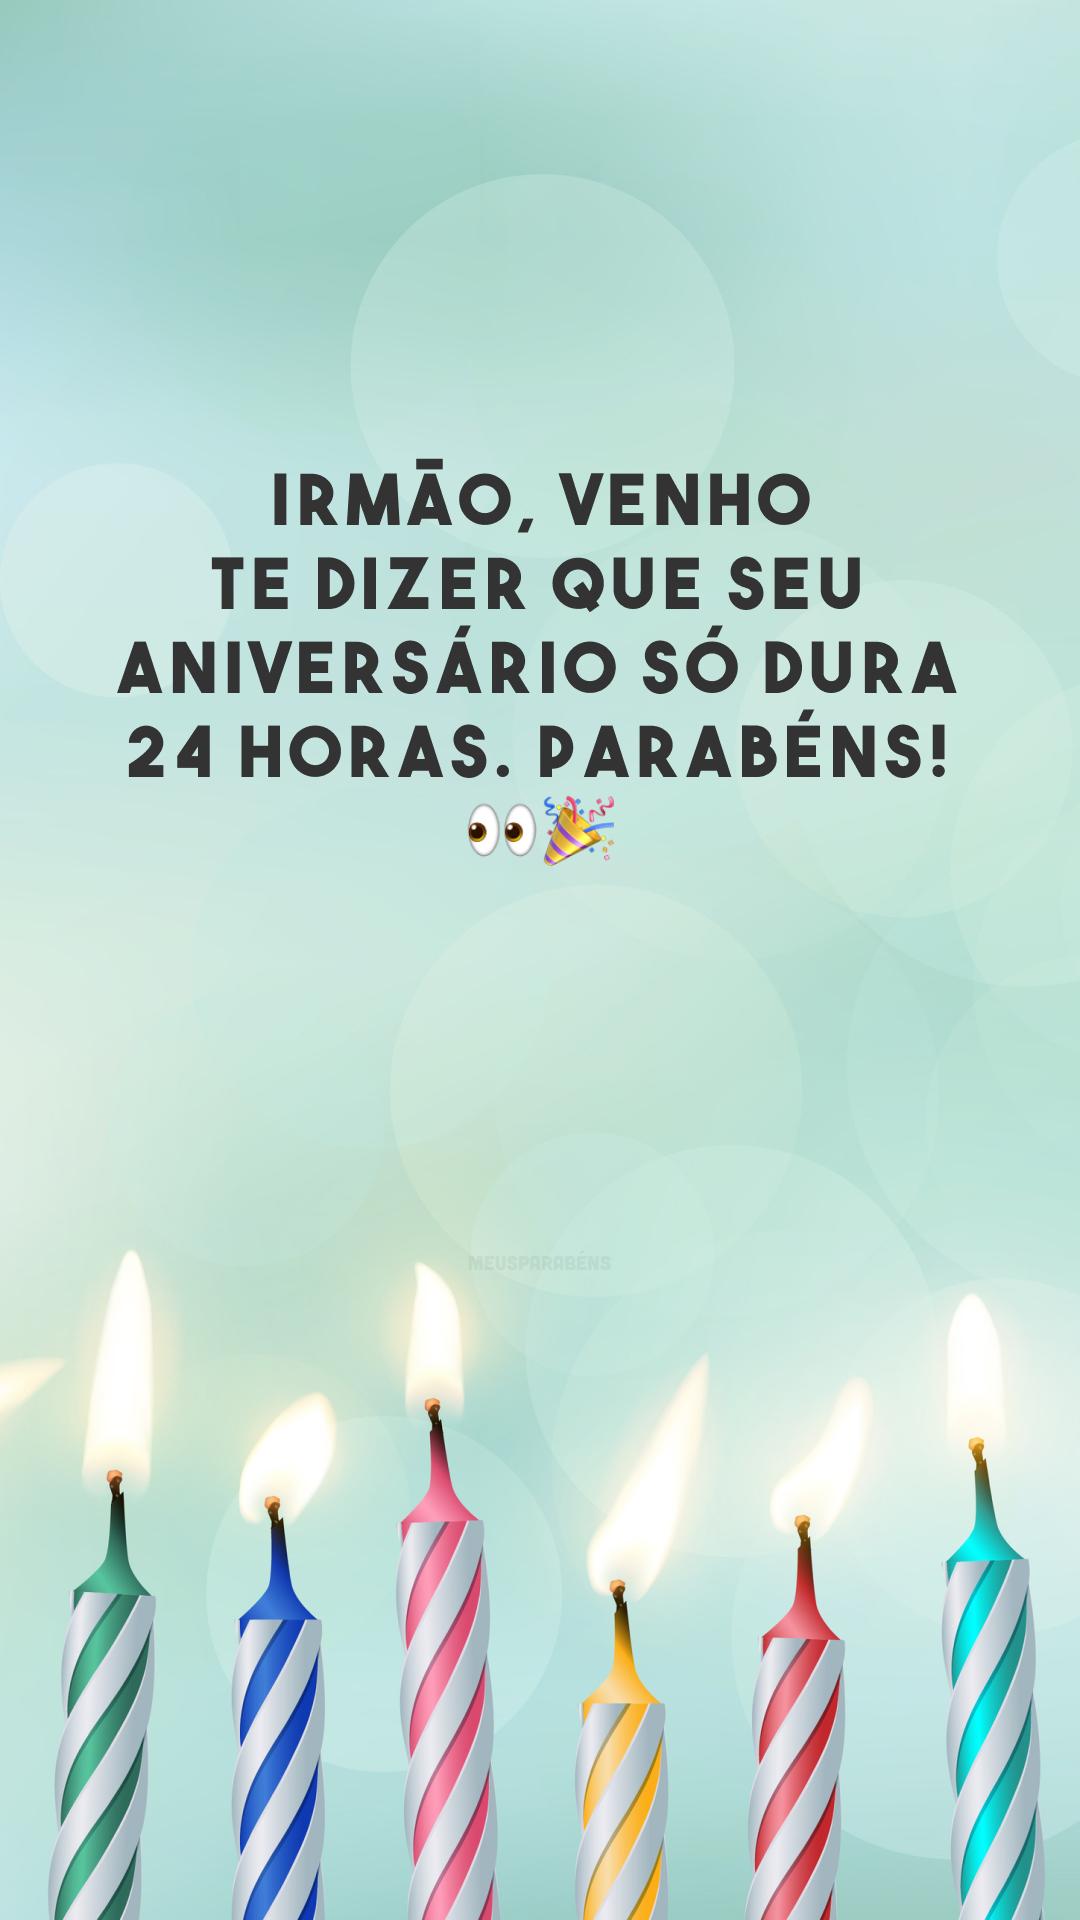 Irmão, venho te dizer que seu aniversário só dura 24 horas. Parabéns!  👀🎉